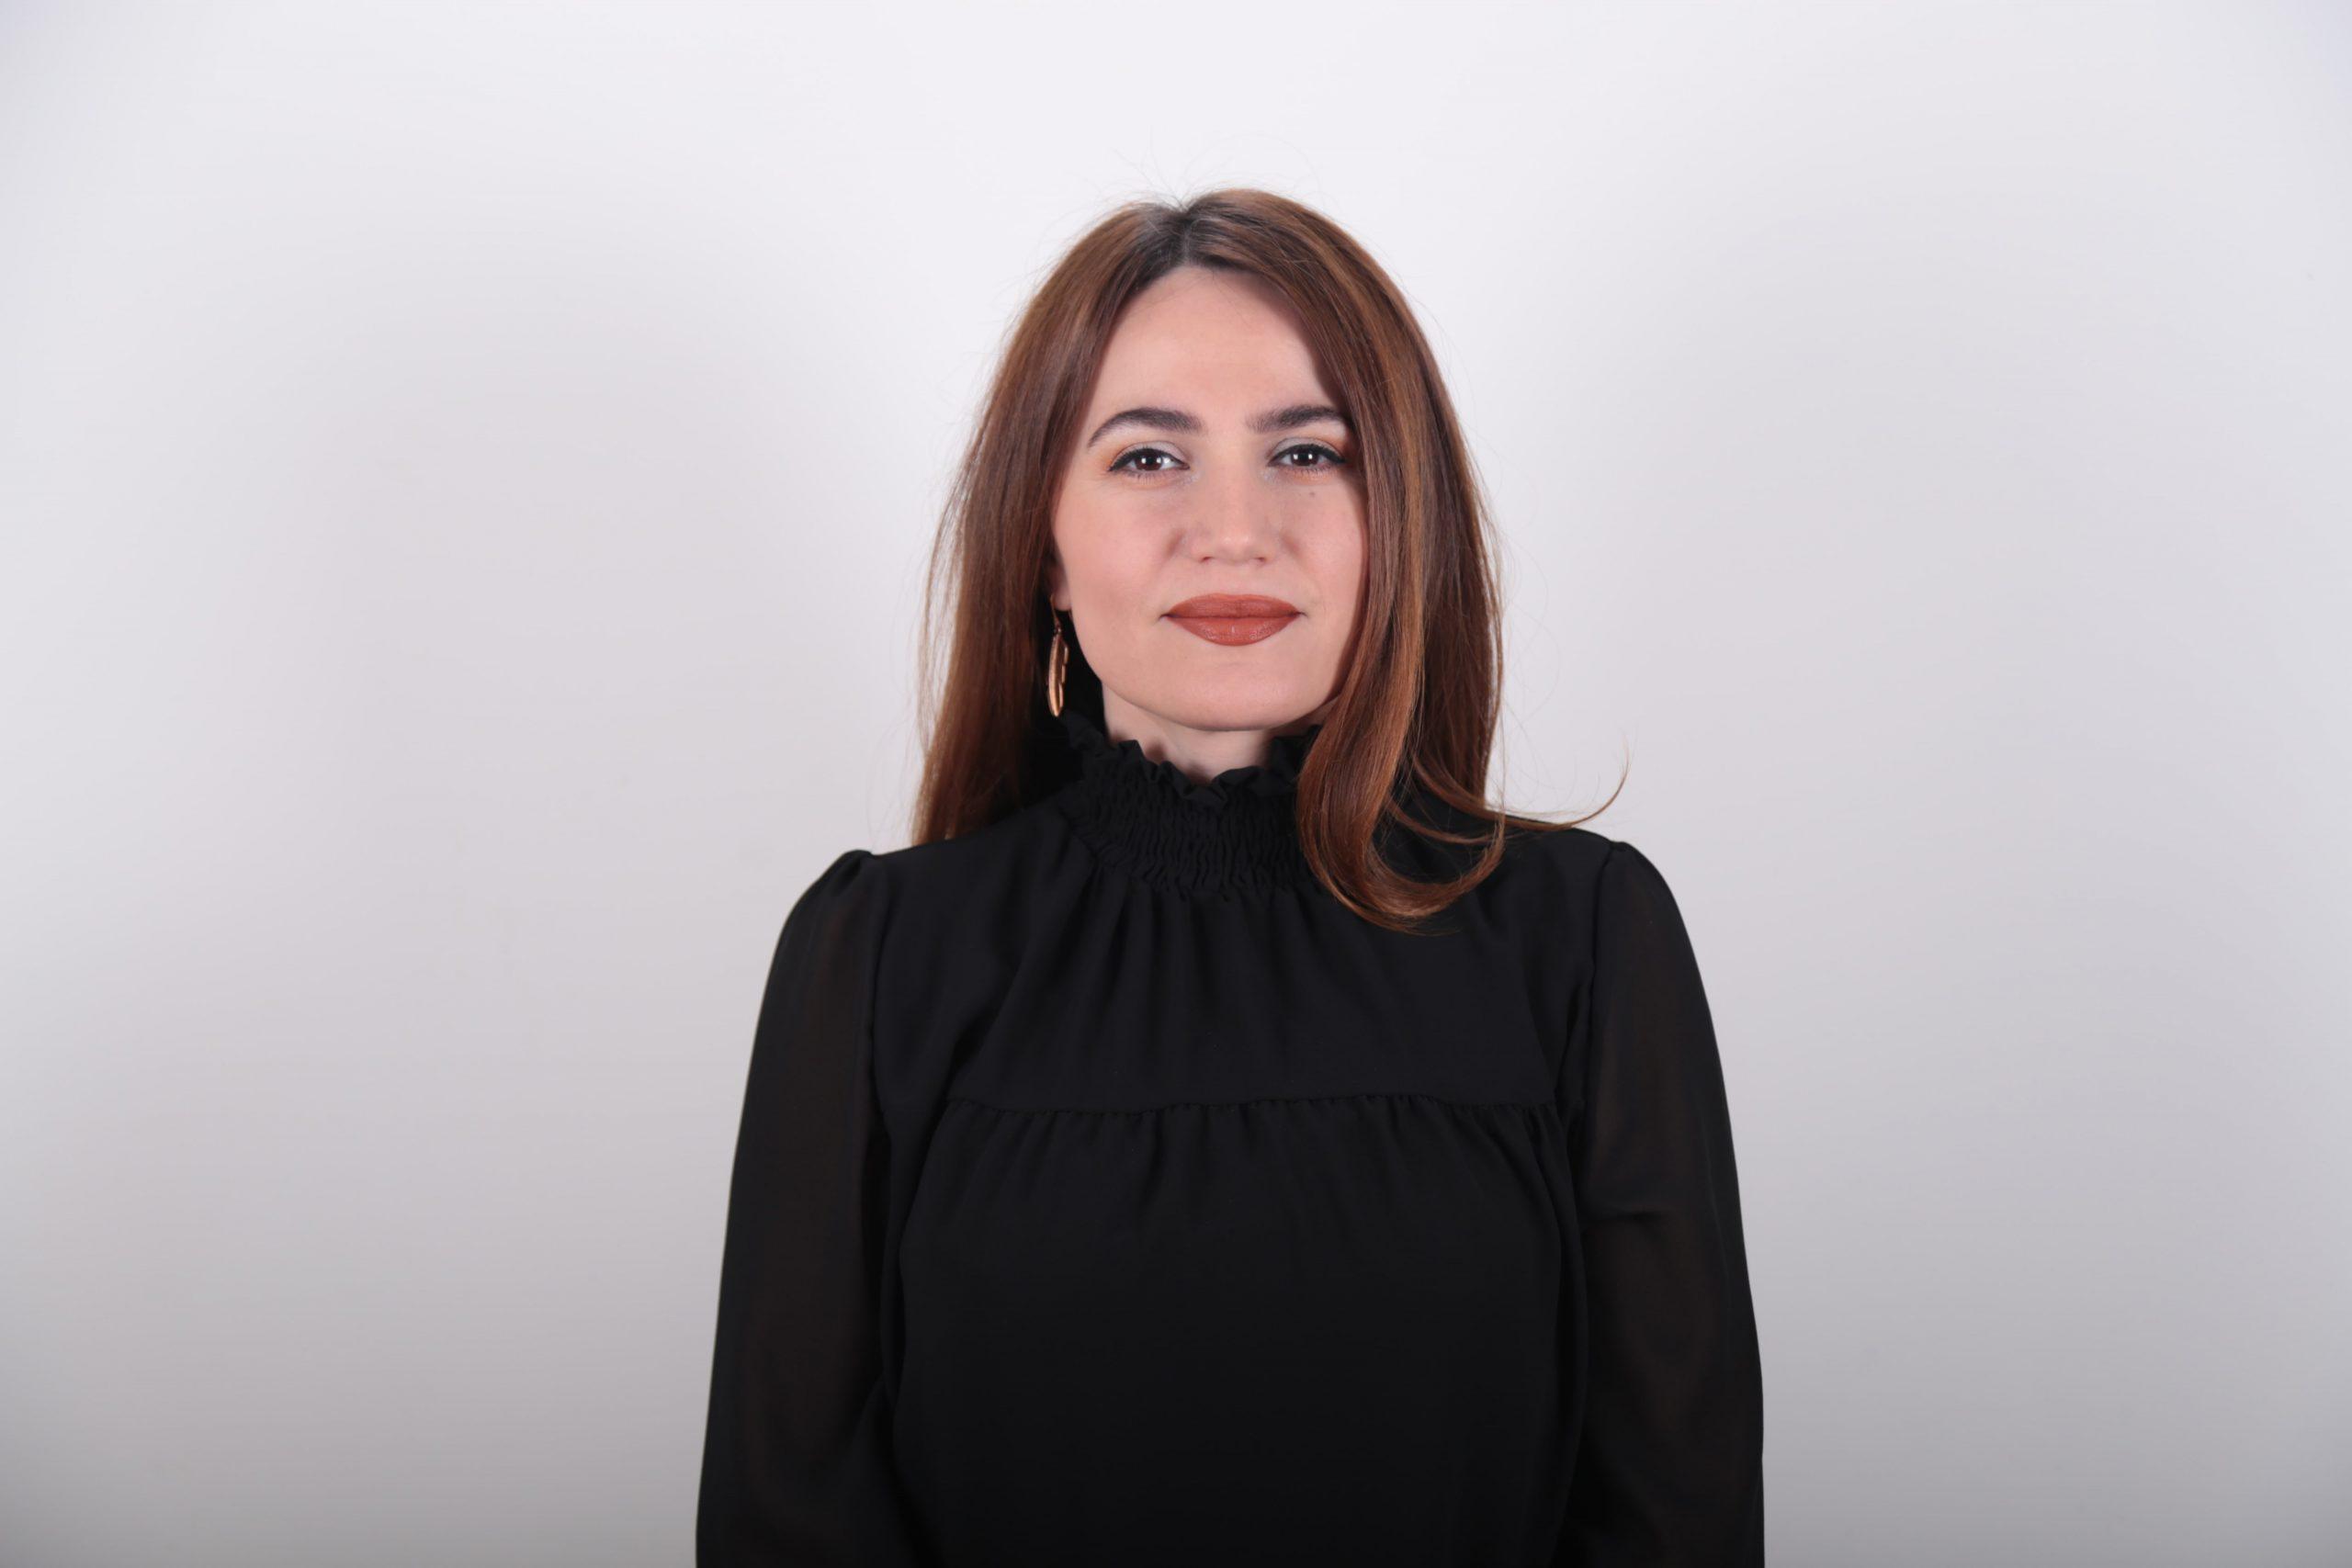 Anita Sadikaj